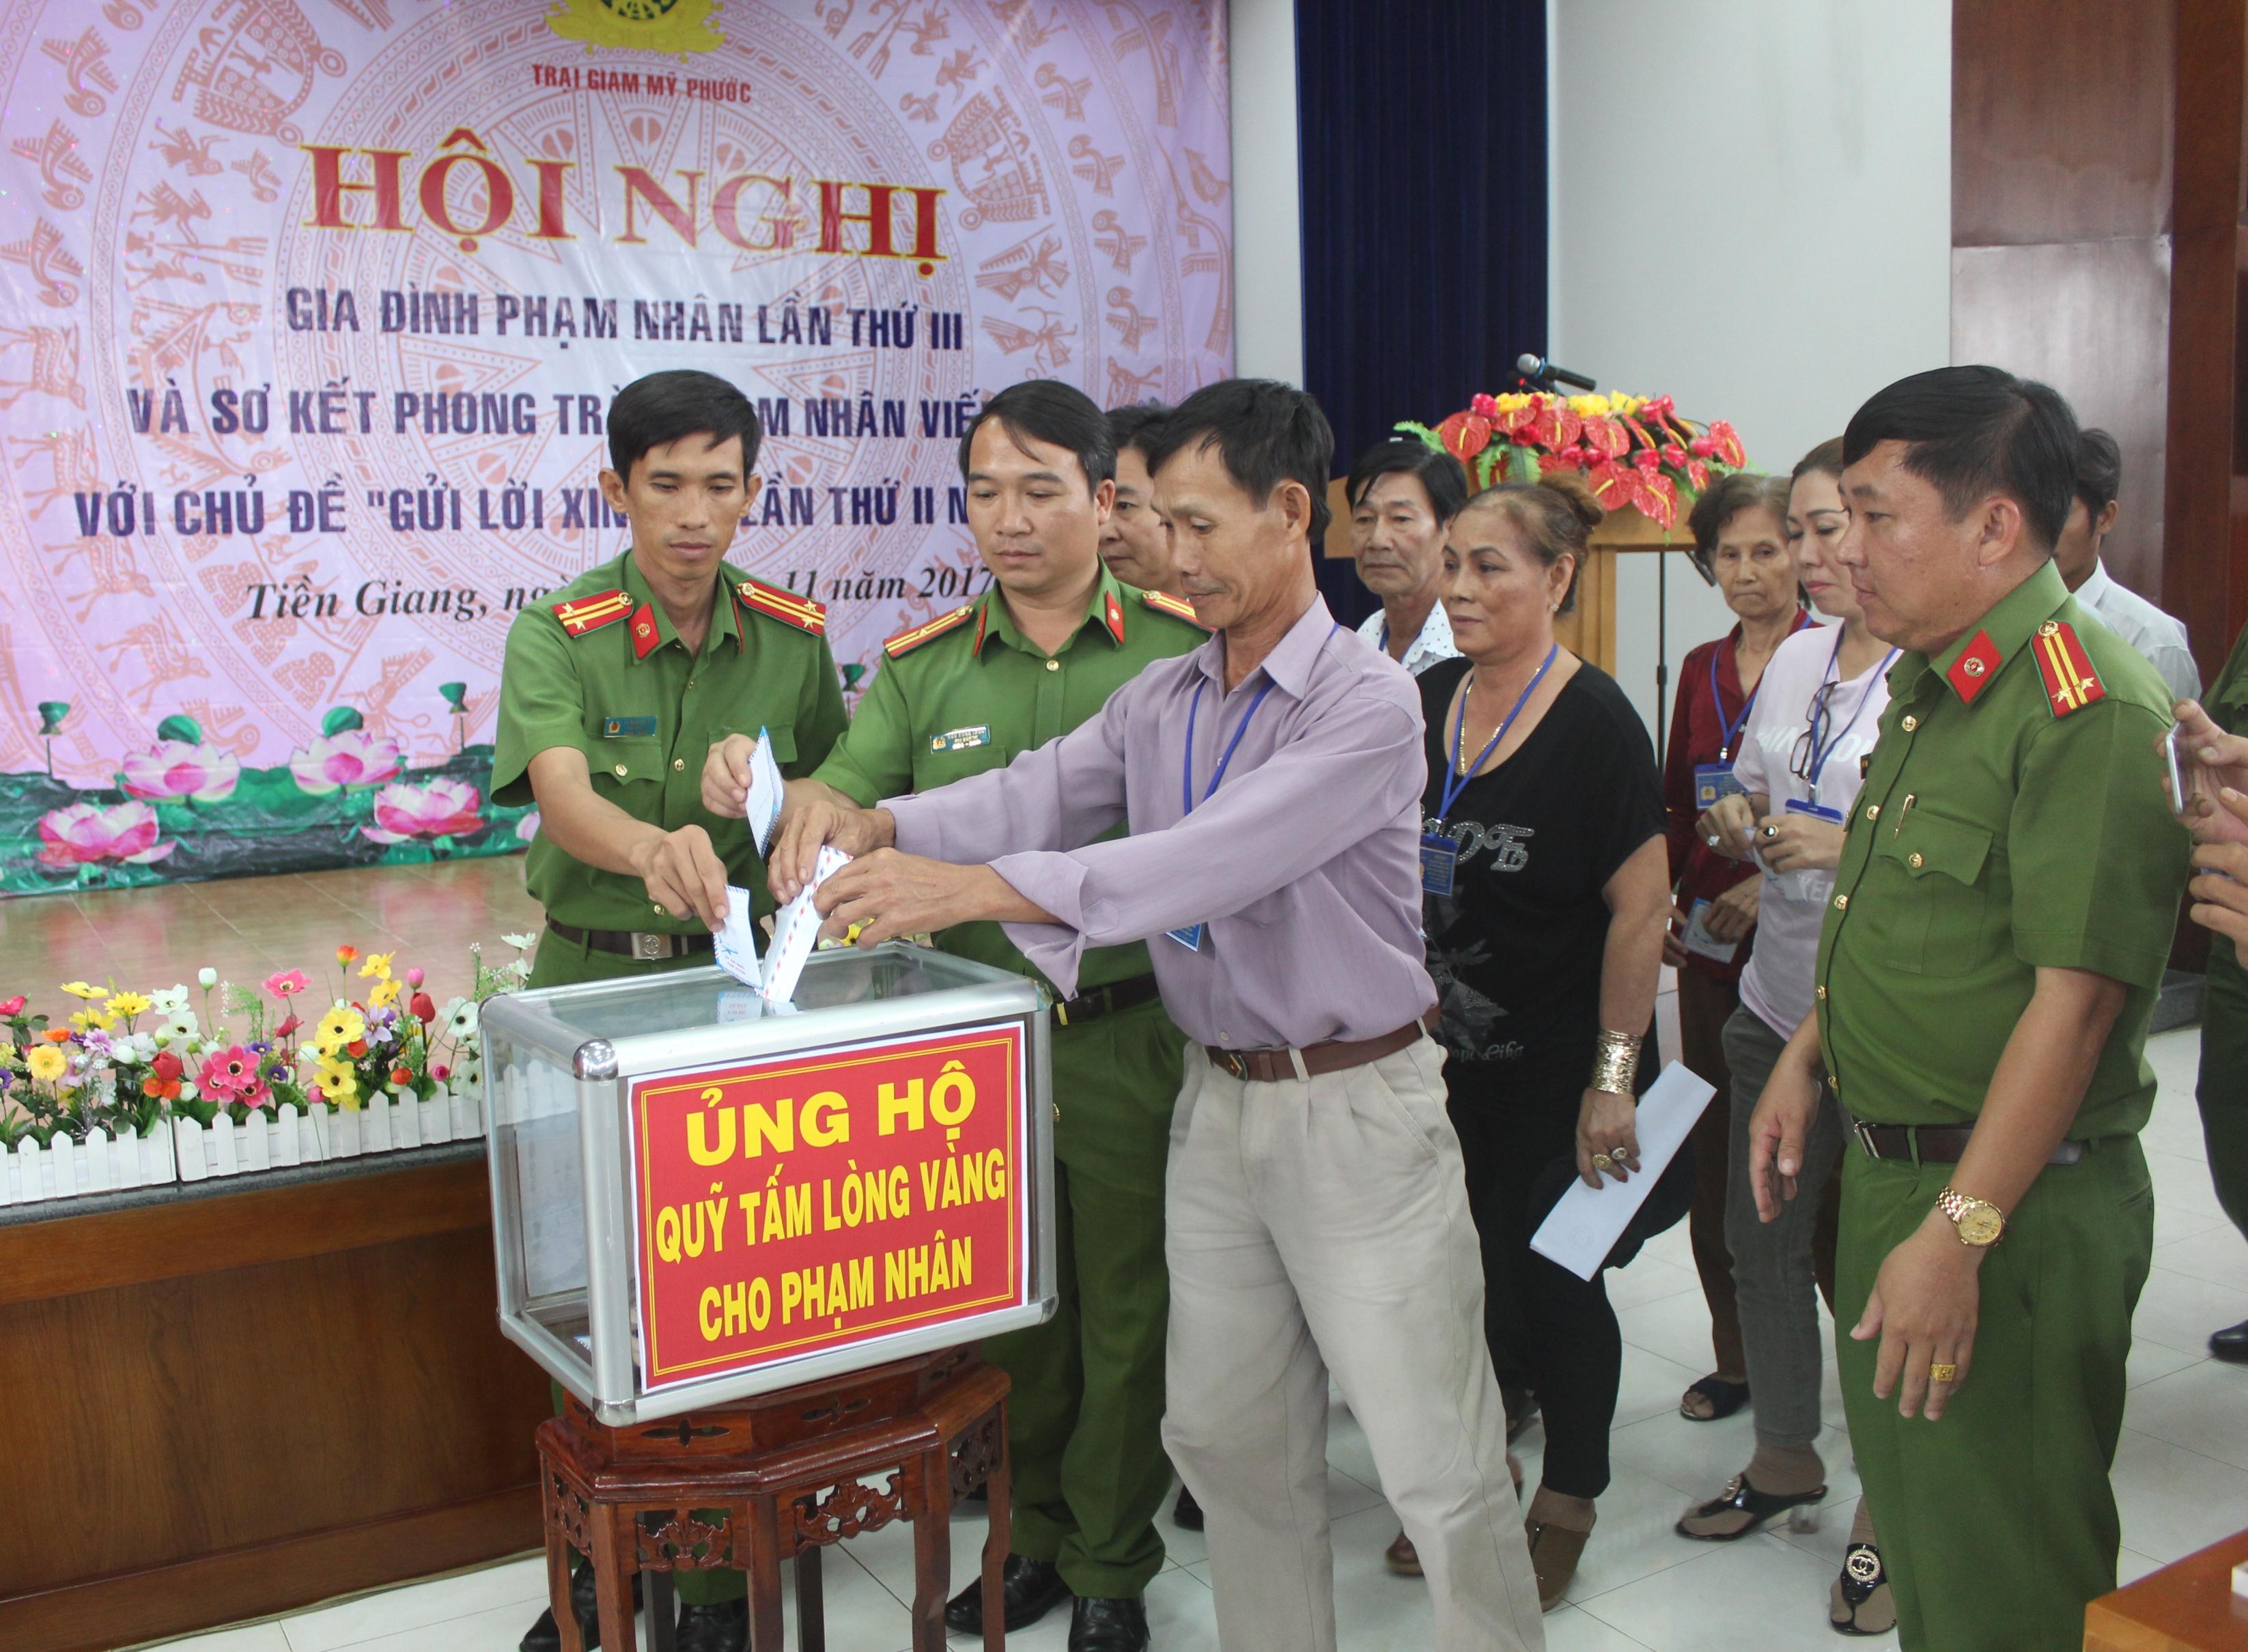 Trại giam Mỹ Phước tổ chức Hội nghị gia đình phạm nhân